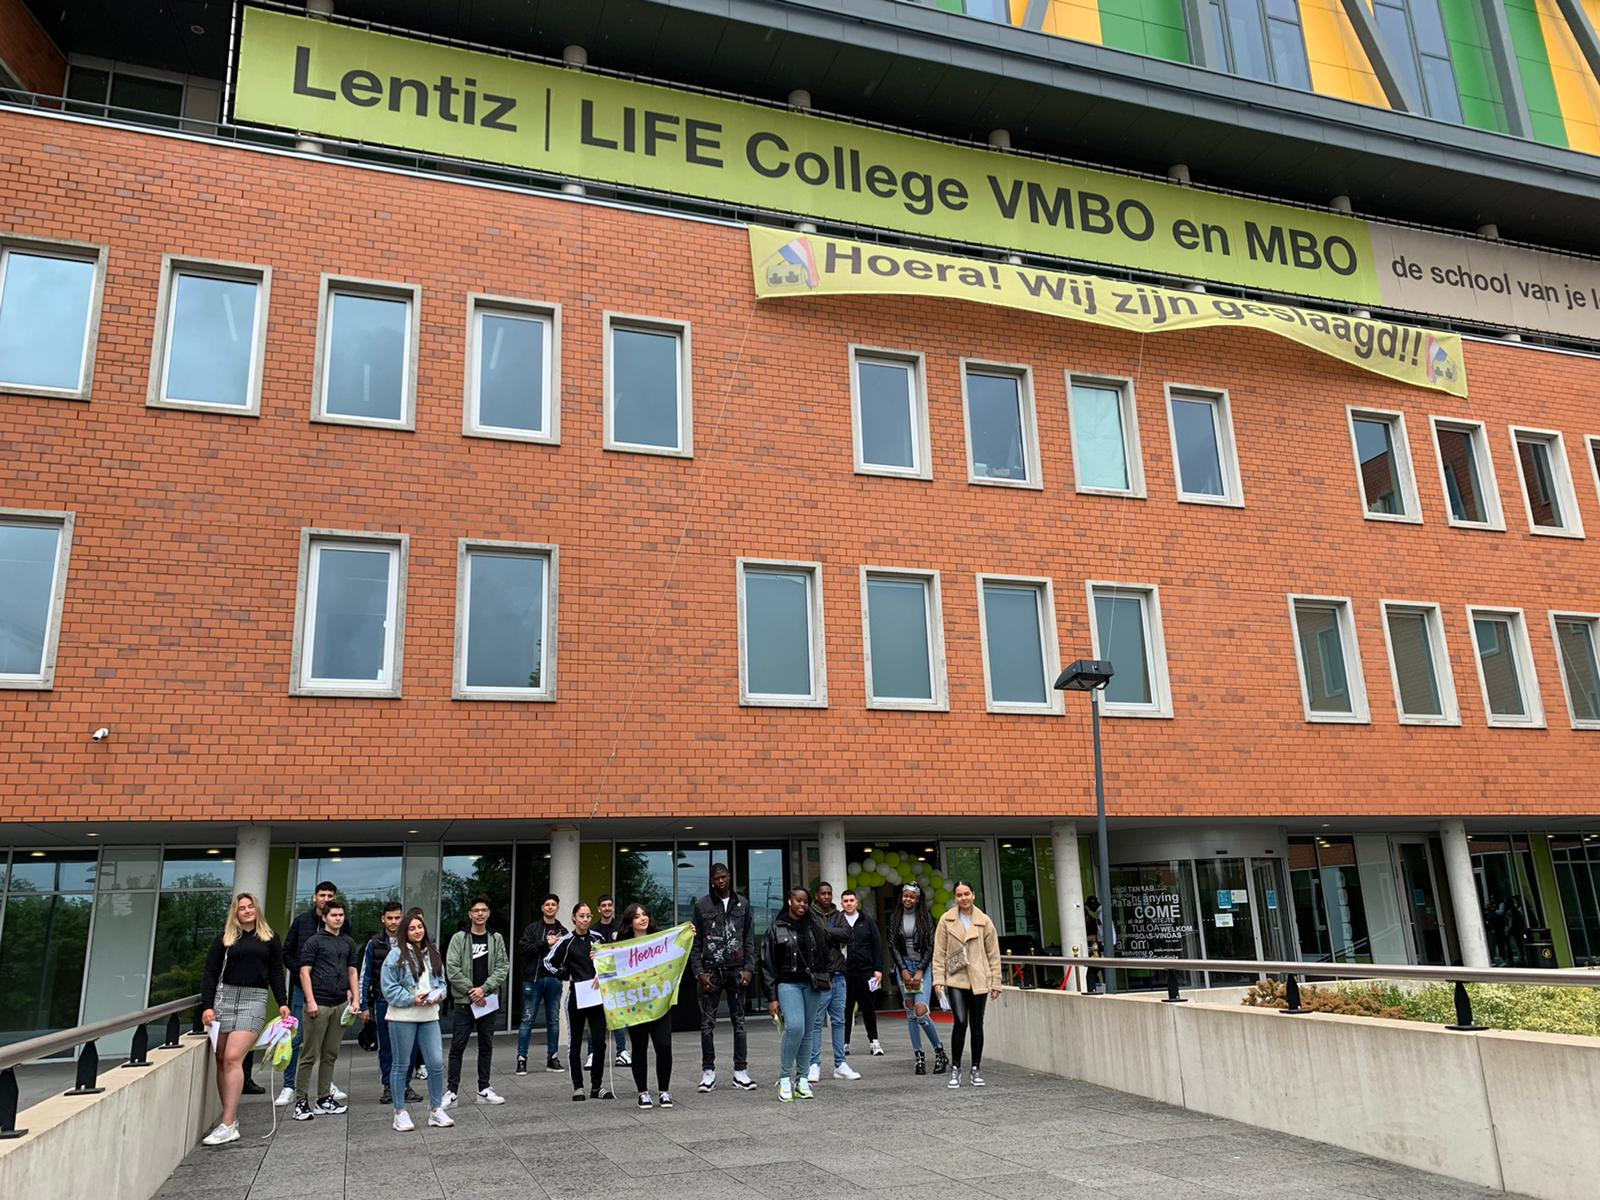 Groot feest op Lentiz LIFE College: 100 % geslaagd!